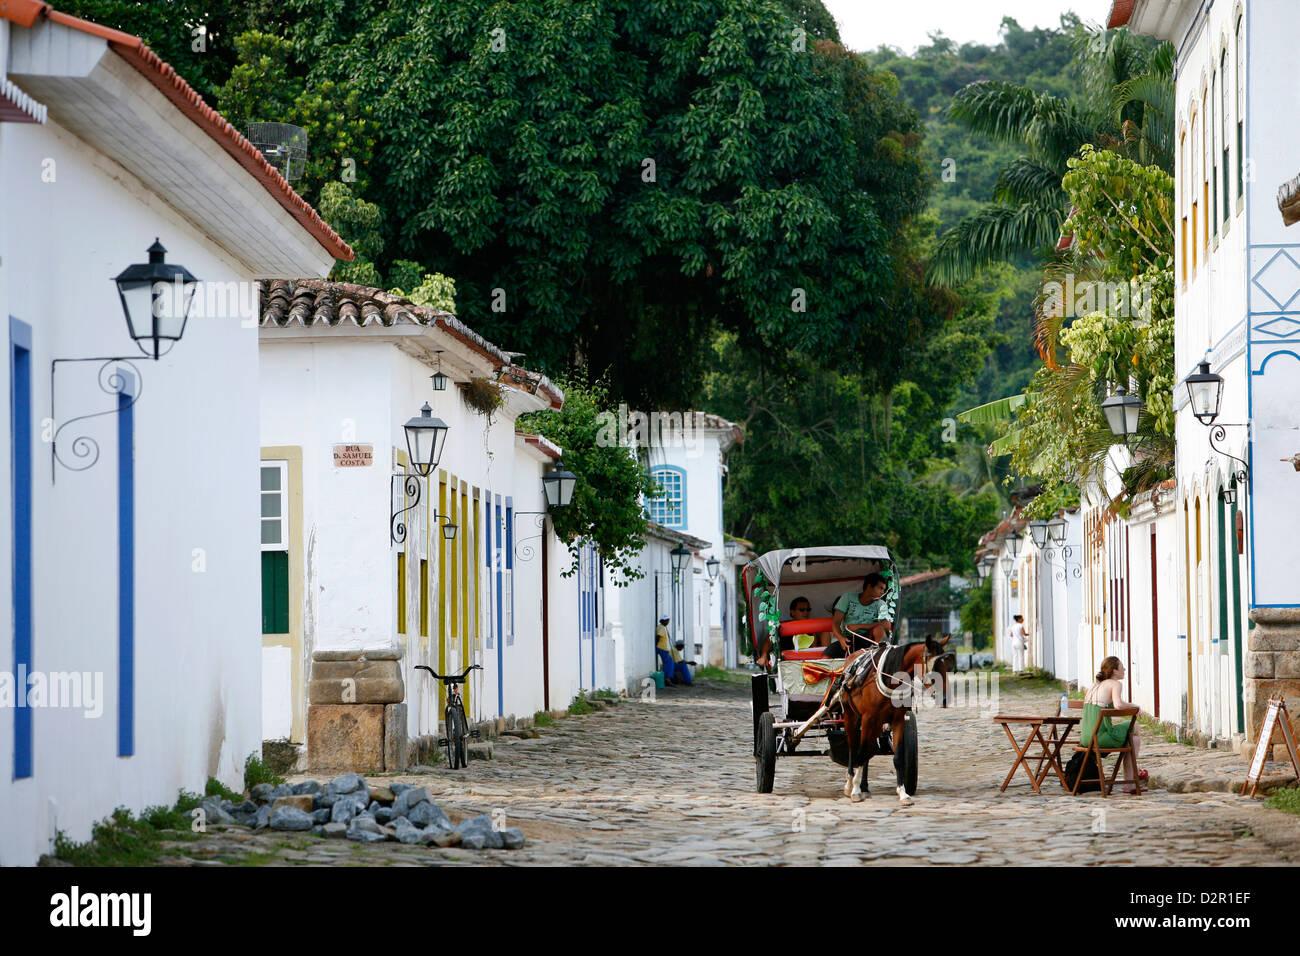 Typischen Häusern im Kolonialstil in der Altstadt von Parati, Rio De Janeiro Zustand, Brasilien, Südamerika Stockbild